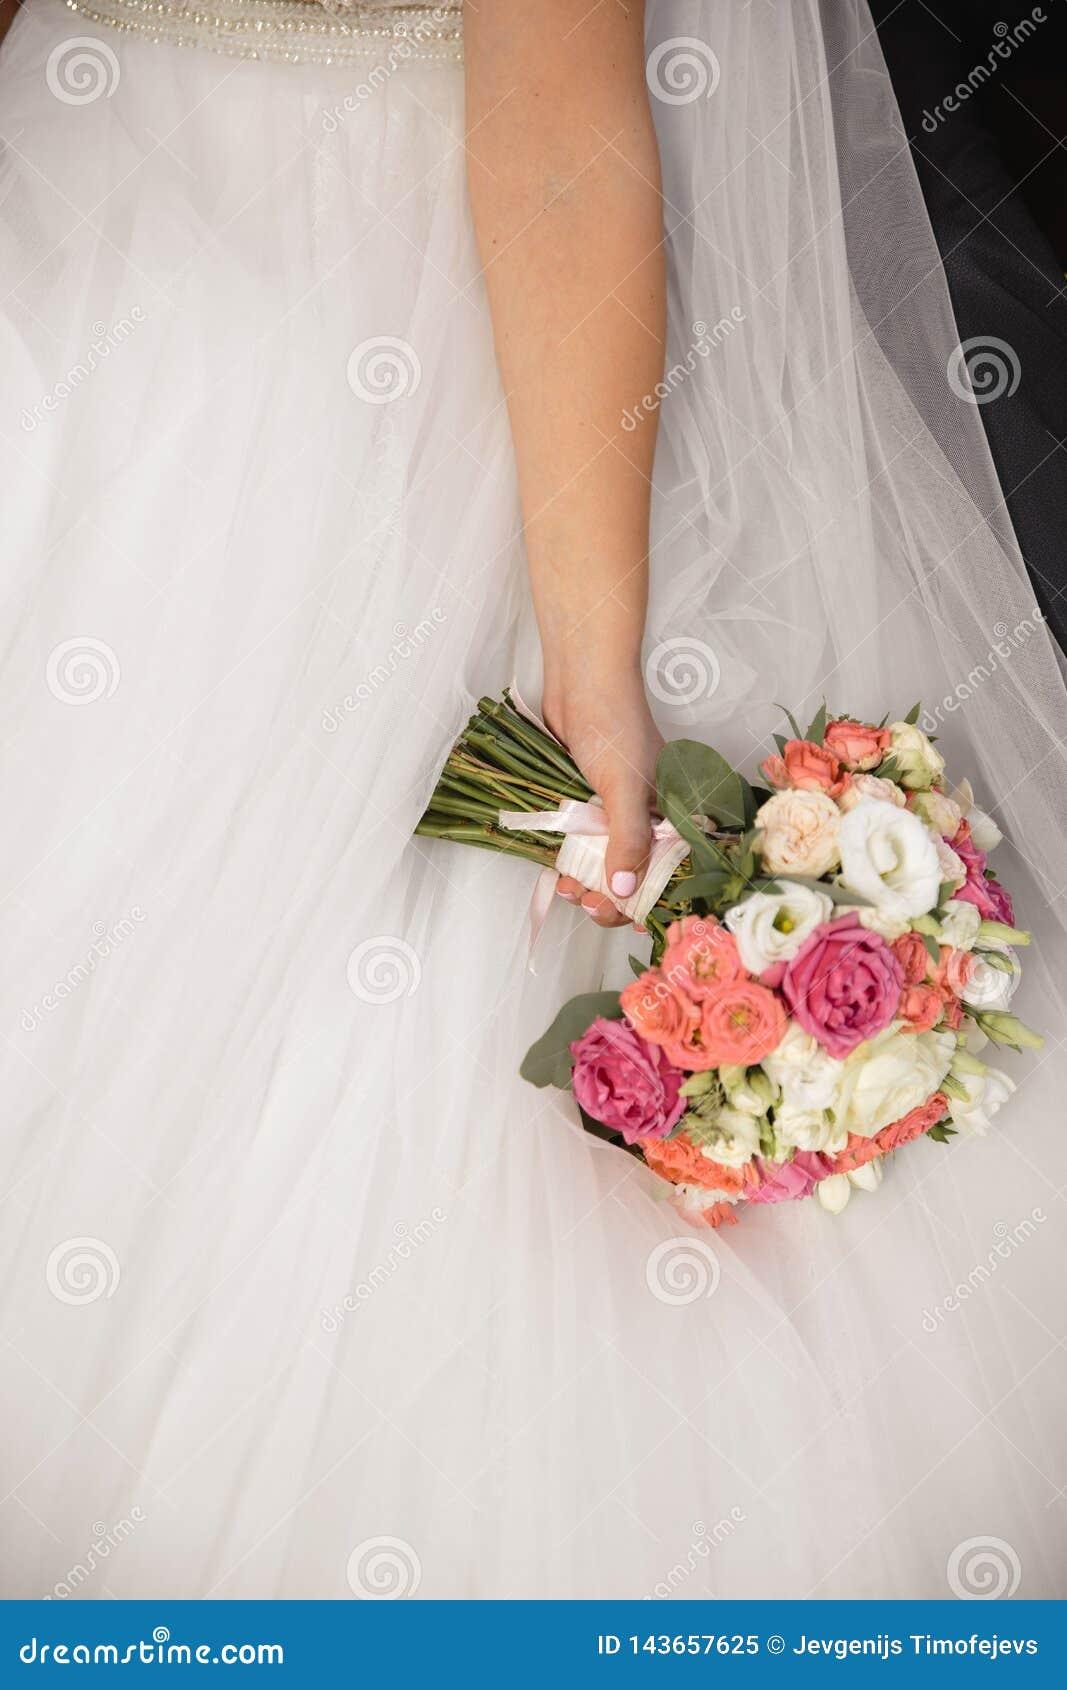 Casandose el ramo de las flores en la mano de la novia - novia en vestido de boda